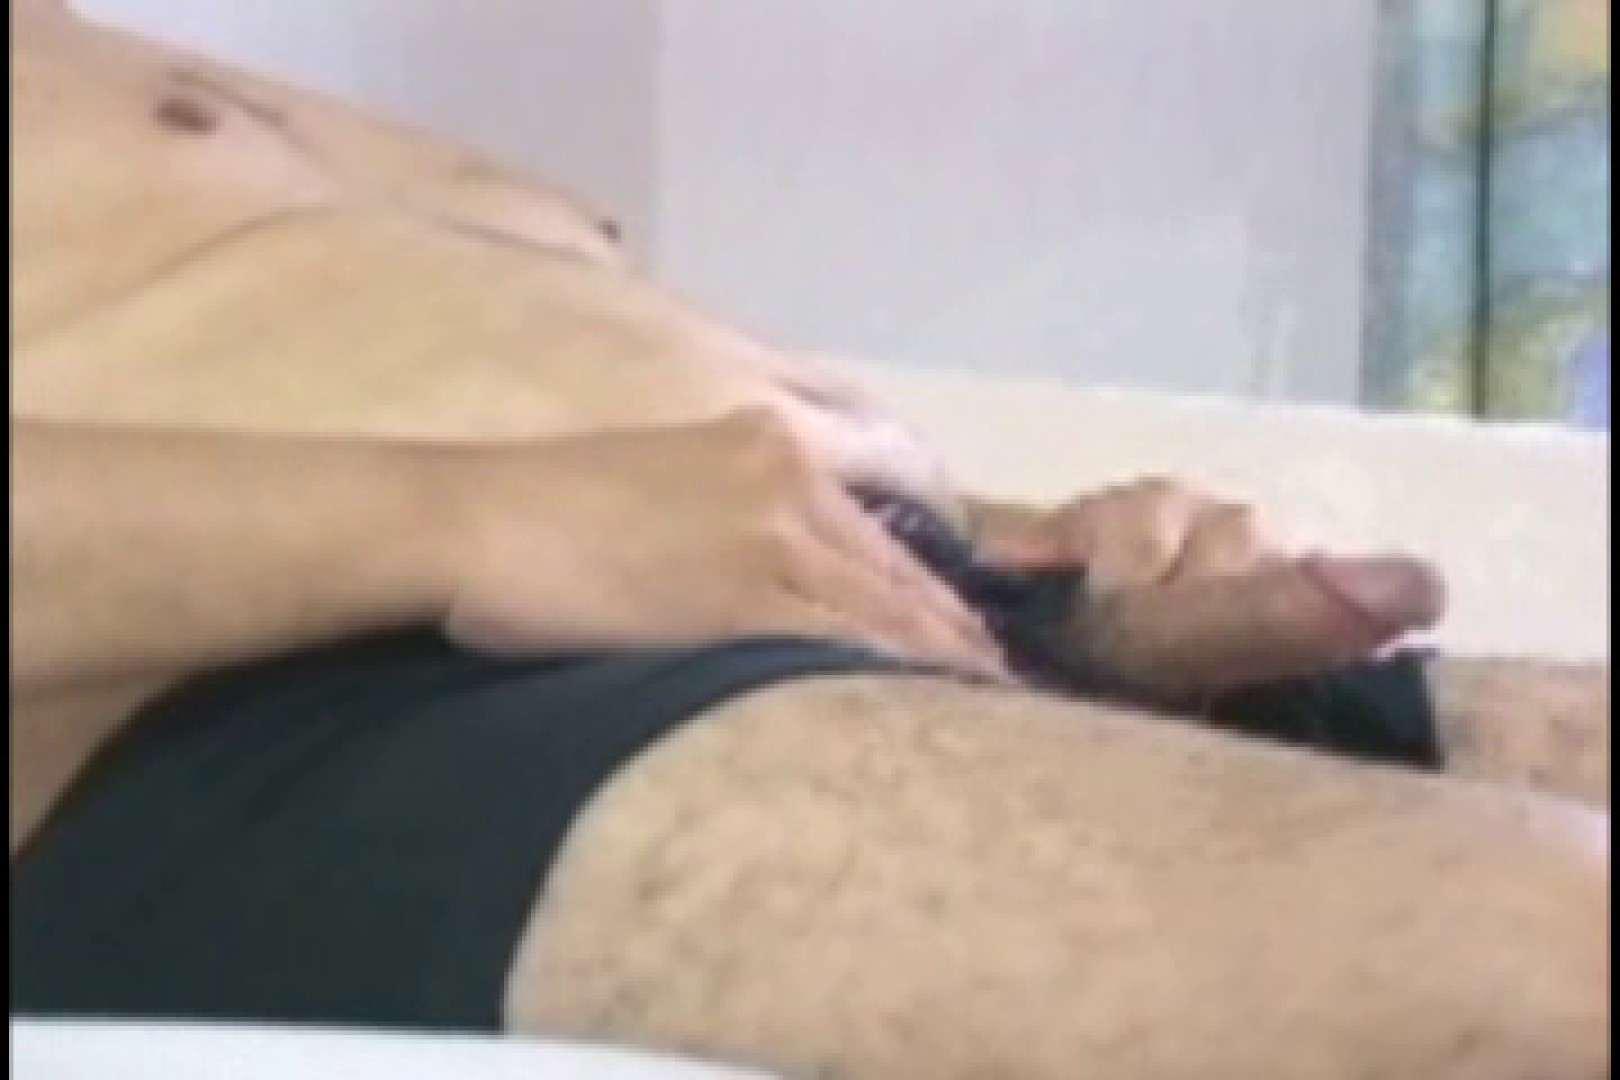 性欲に満ちたデカてぃむぽのホモ旦那 アナル責め ゲイアダルトビデオ画像 96枚 30